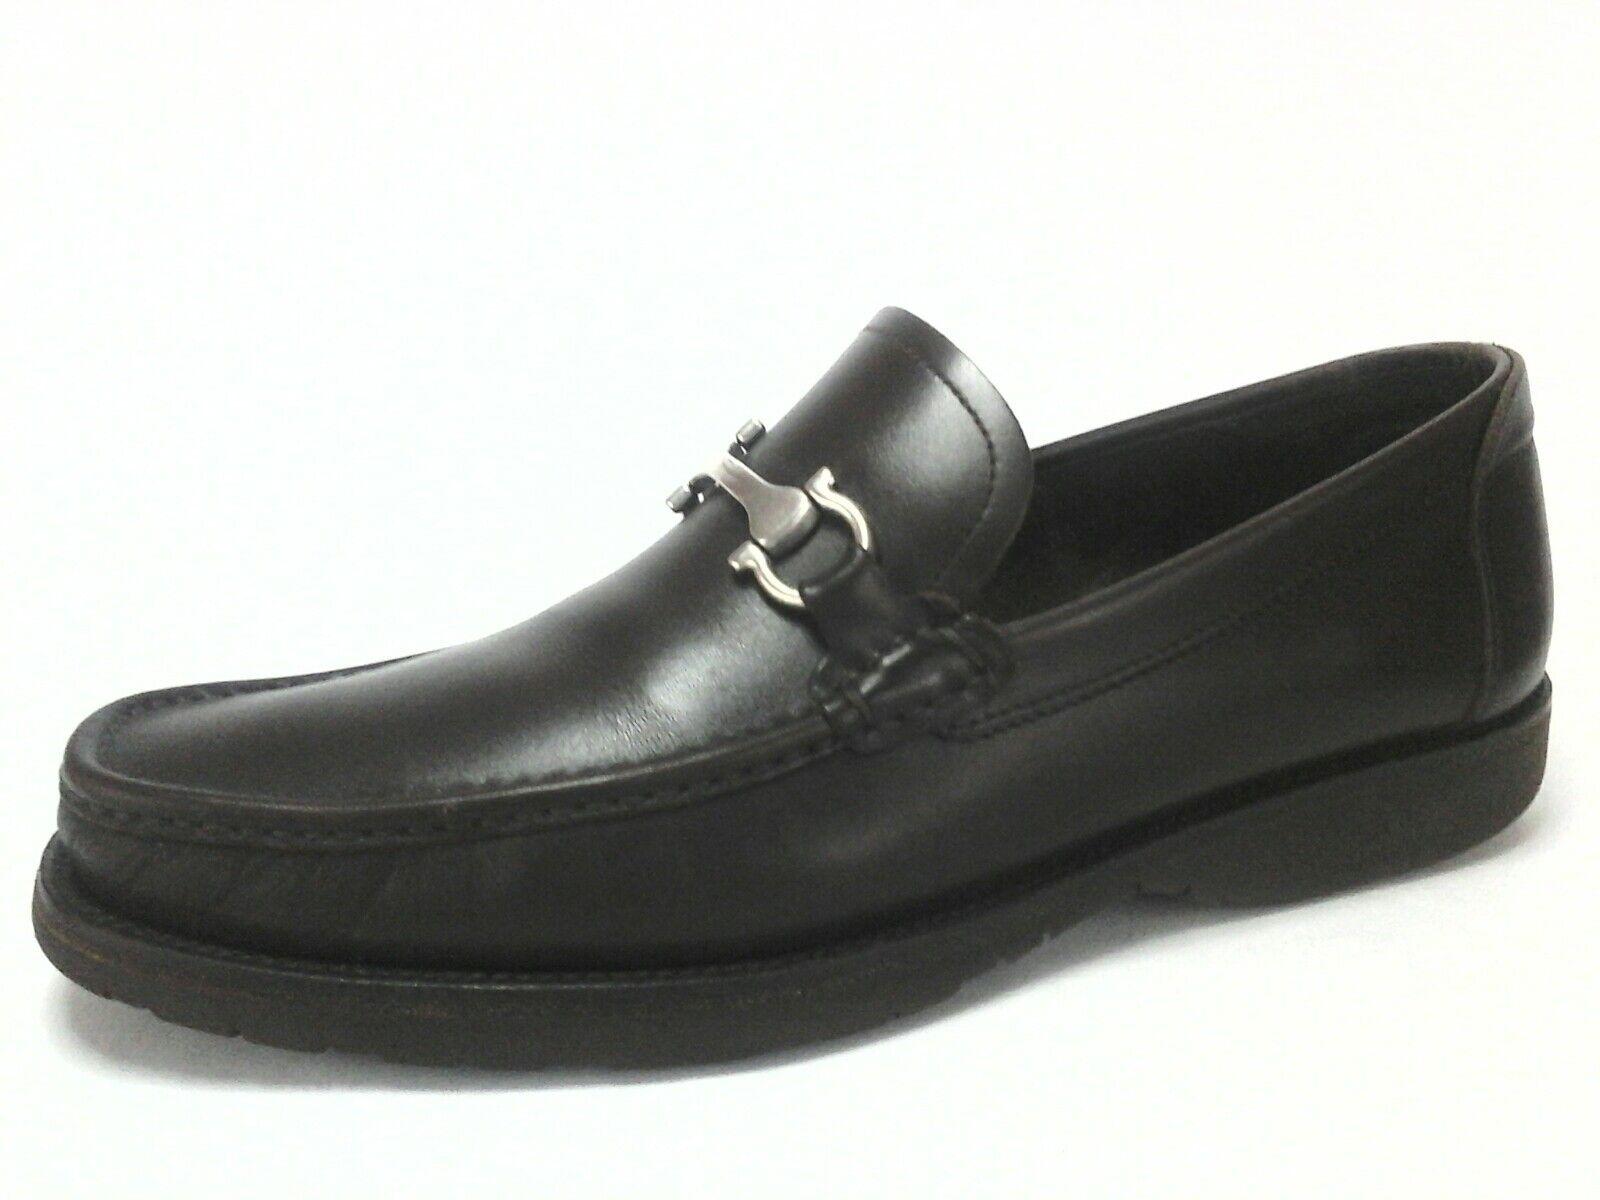 Salvatore Ferragamo Marrón Cuero Gancini Mocasines Zapatos US 11 EU 44.5 EU 10.5